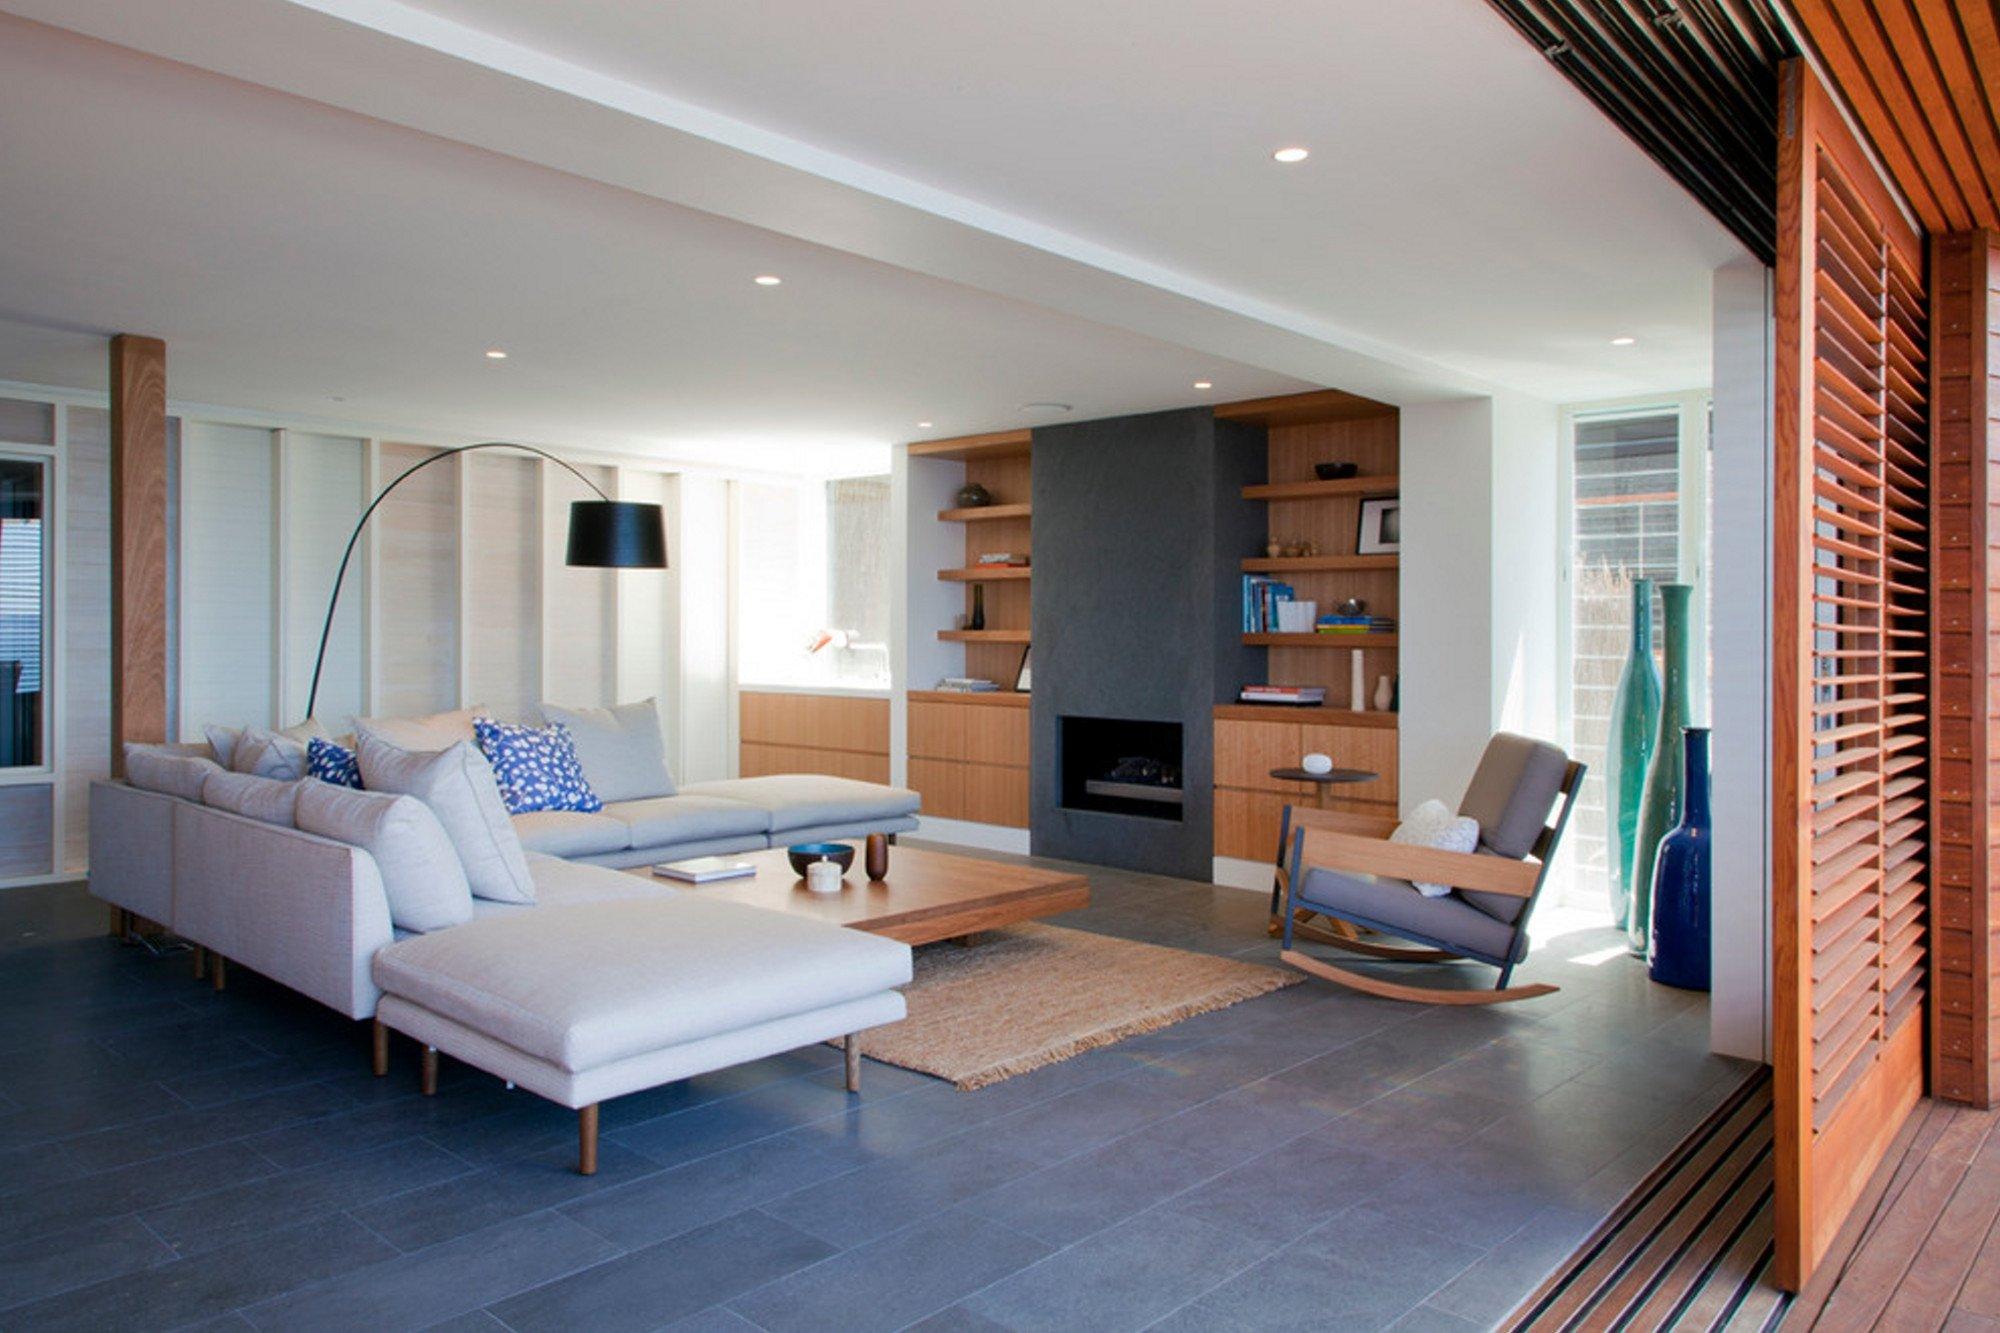 Contemporary Living Room Flooring Inspirational Living Room Flooring Types